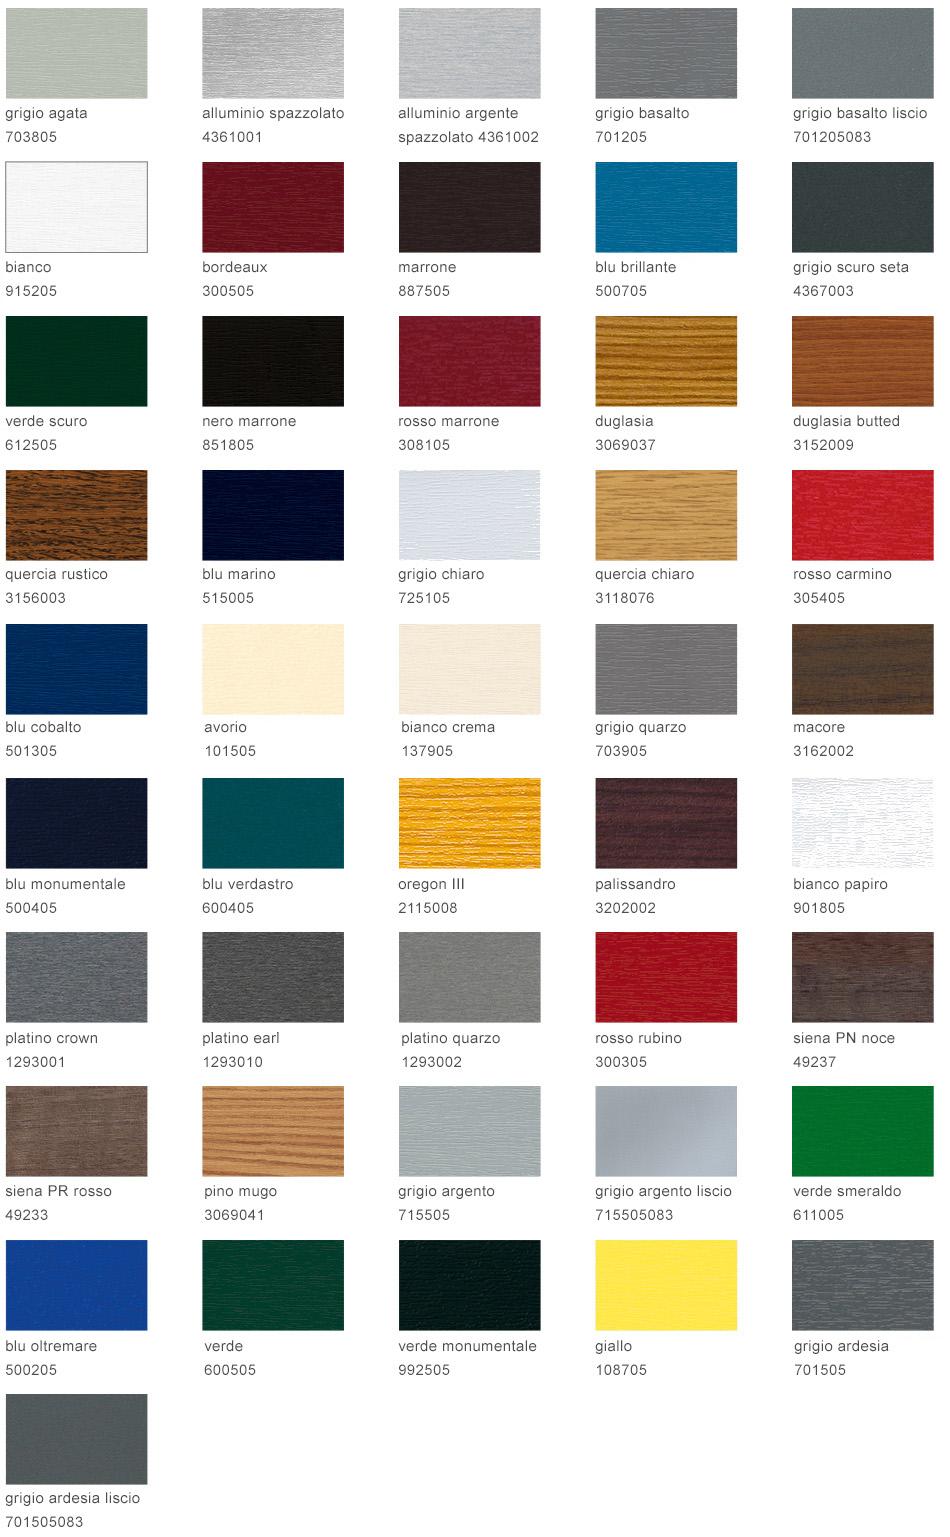 colori non standard